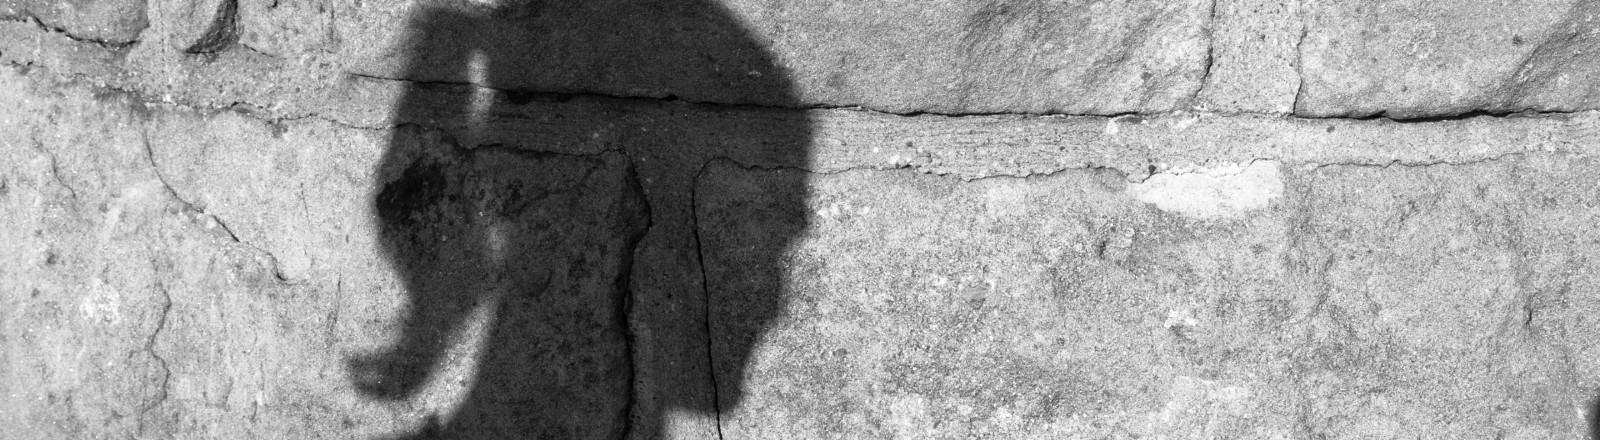 Der Schatten einer Frau an einer Mauer.